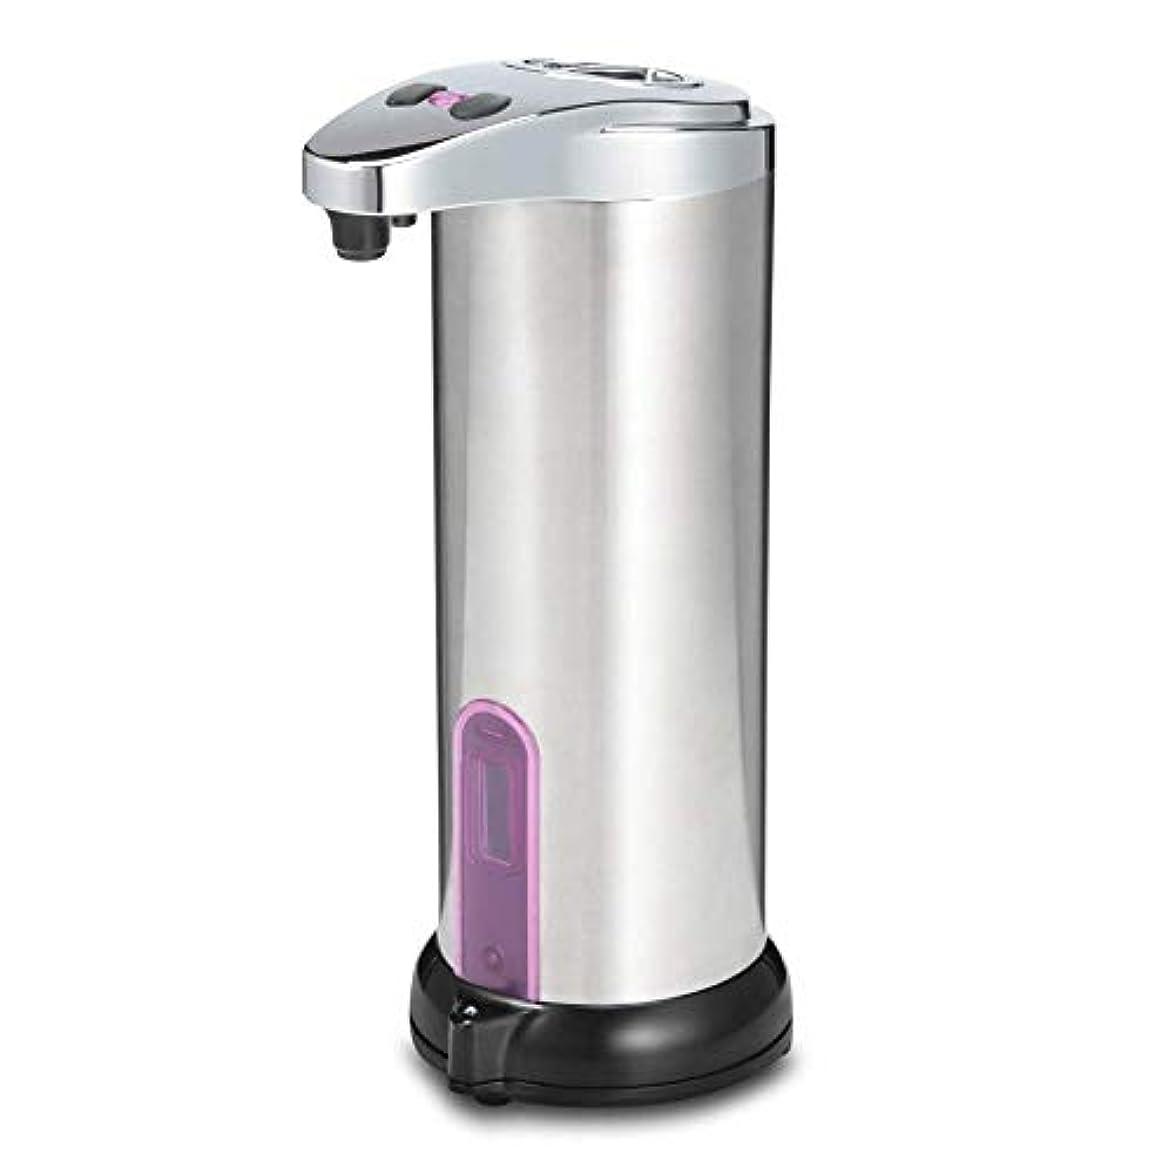 ラベンダー独立トラブル280ミリリットル自動液体石鹸ディスペンサー赤外線センシング誘導タッチレスサニタイザー浴室ディスペンサースマートセンサー用住宅